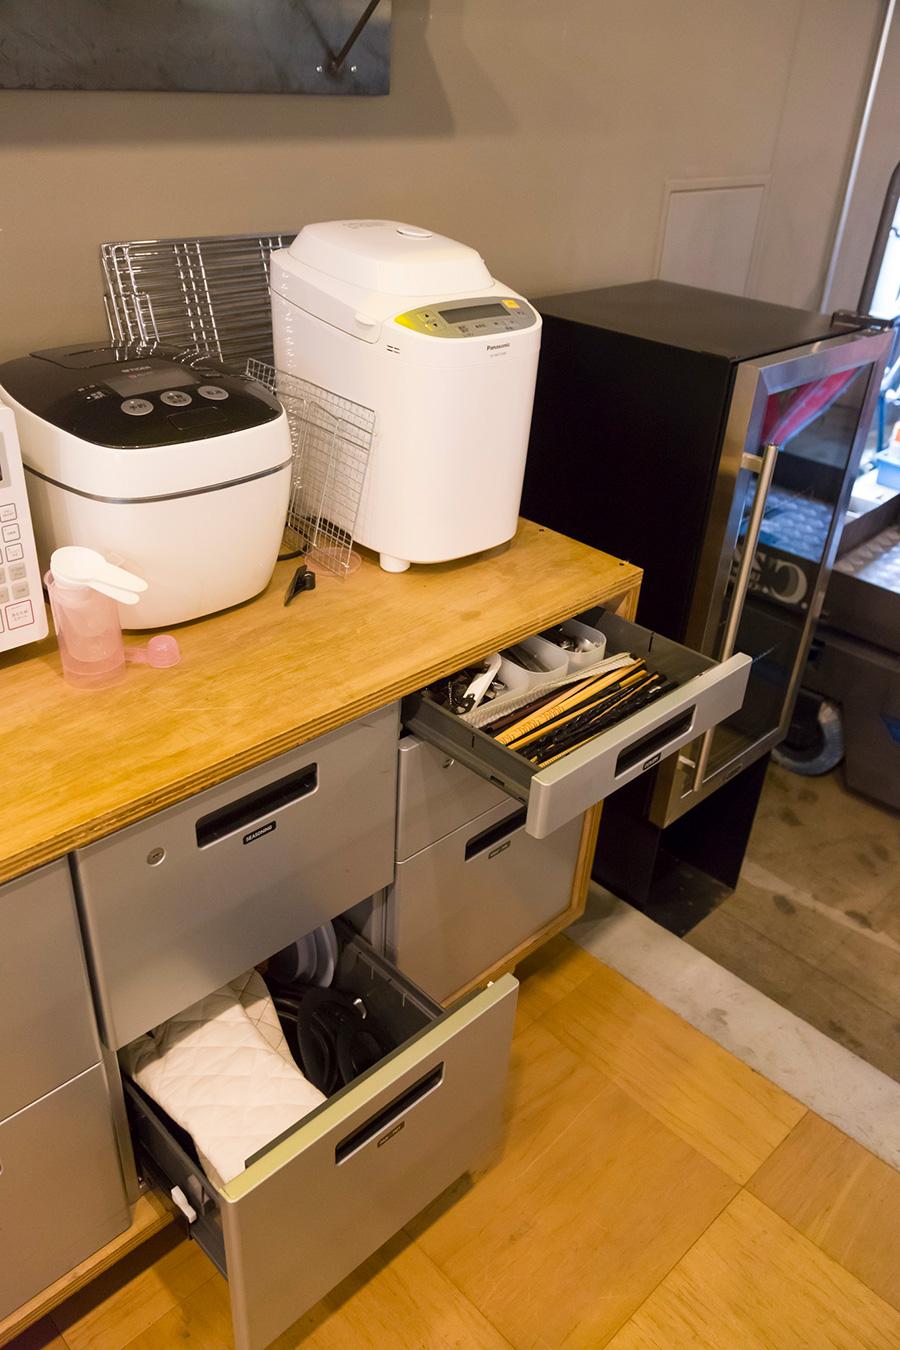 『オープン・エー』のオフィスでは、〈DESK WAGON STORAGE〉をキッチンのキャビネットとして使っている。